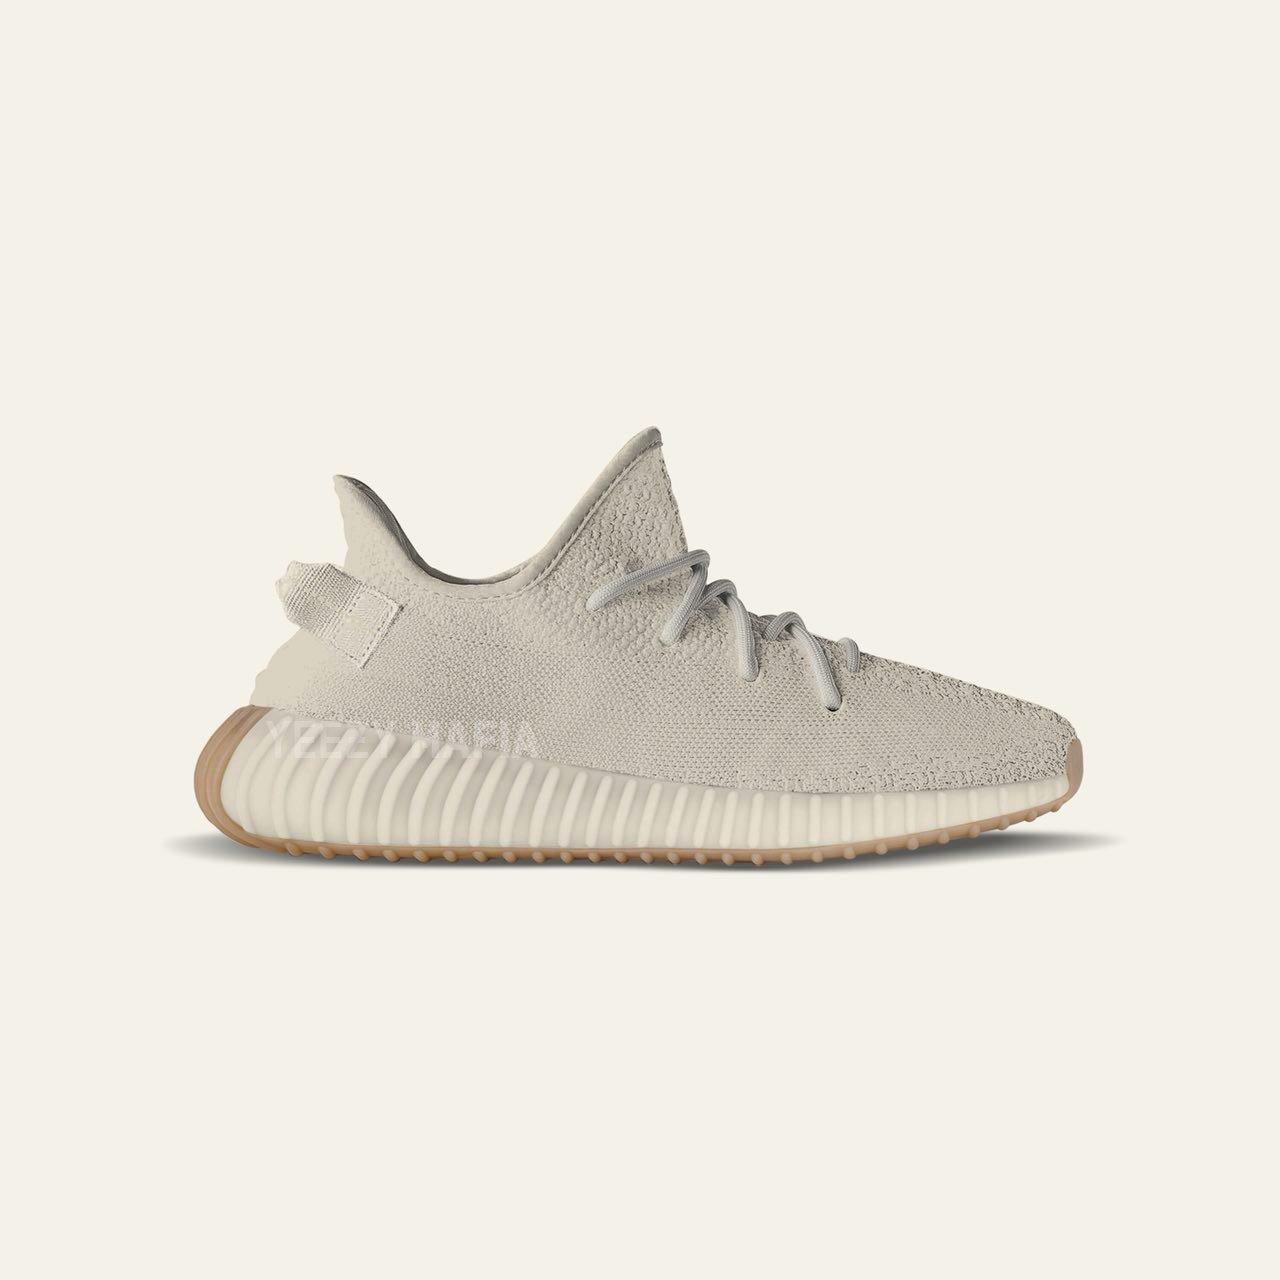 adidas yeezy 350 boost france